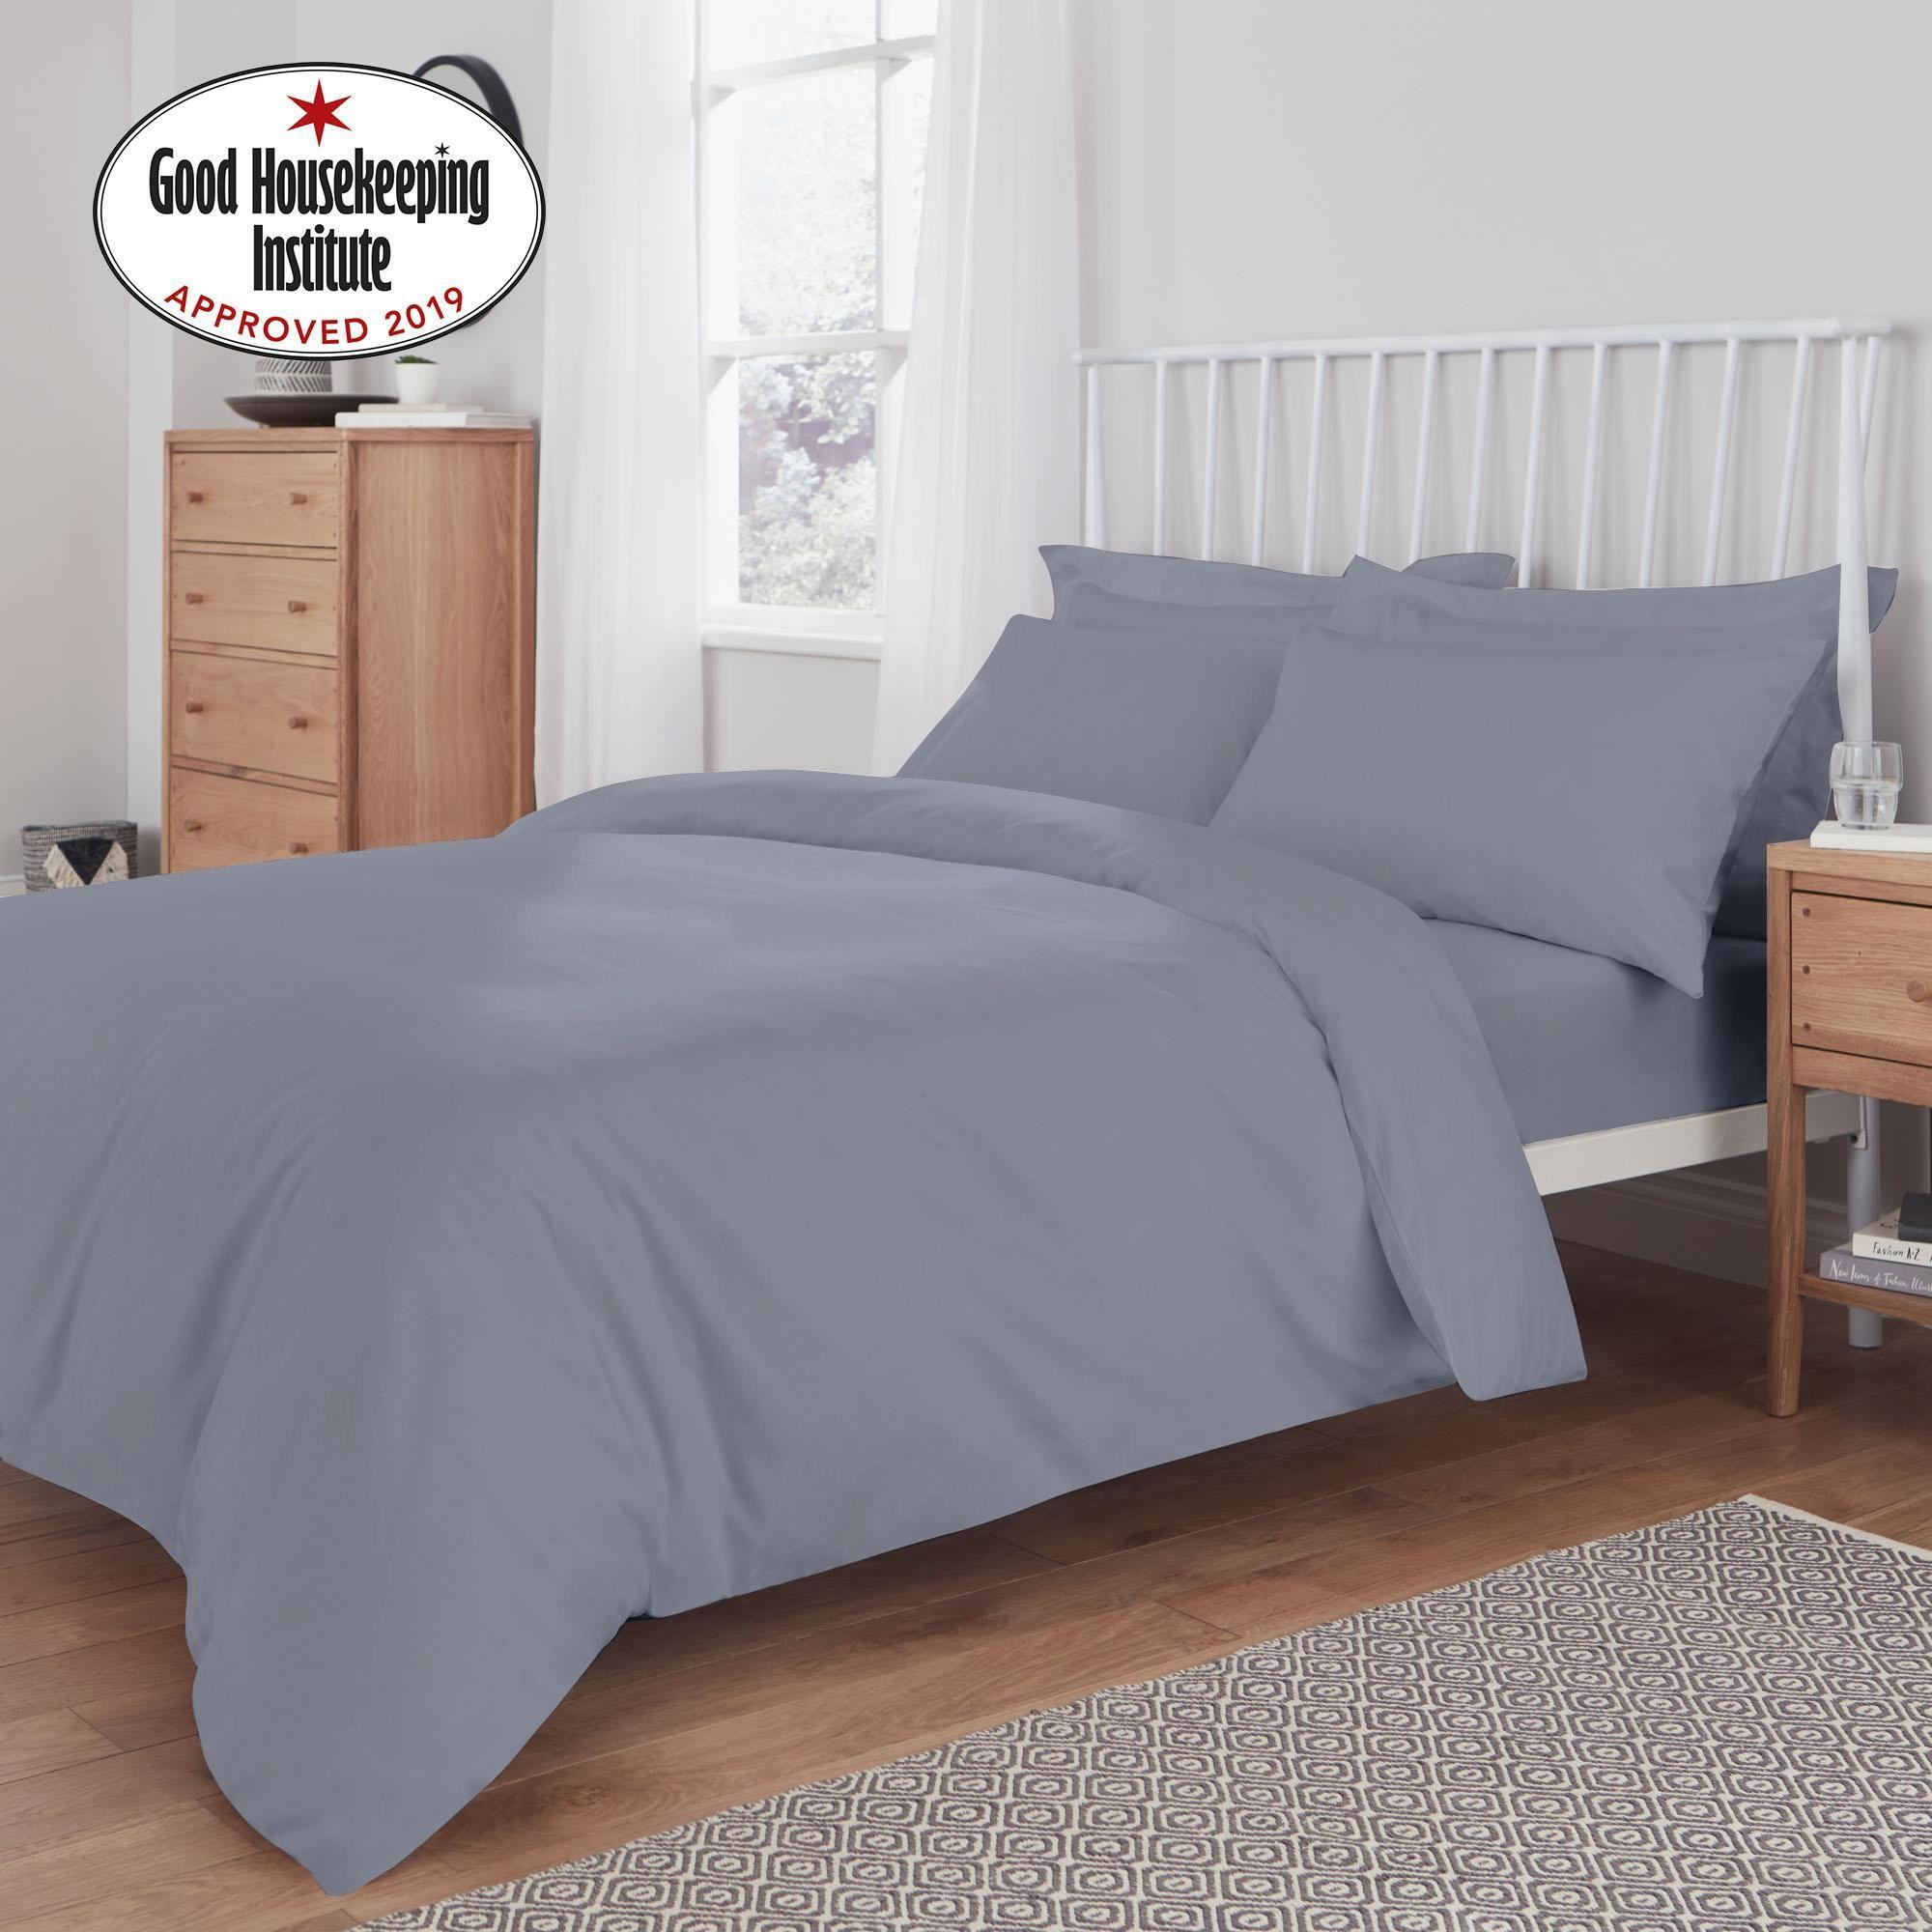 Easycare 100 Cotton Powder Blue Duvet Cover In 2020 Blue Duvet